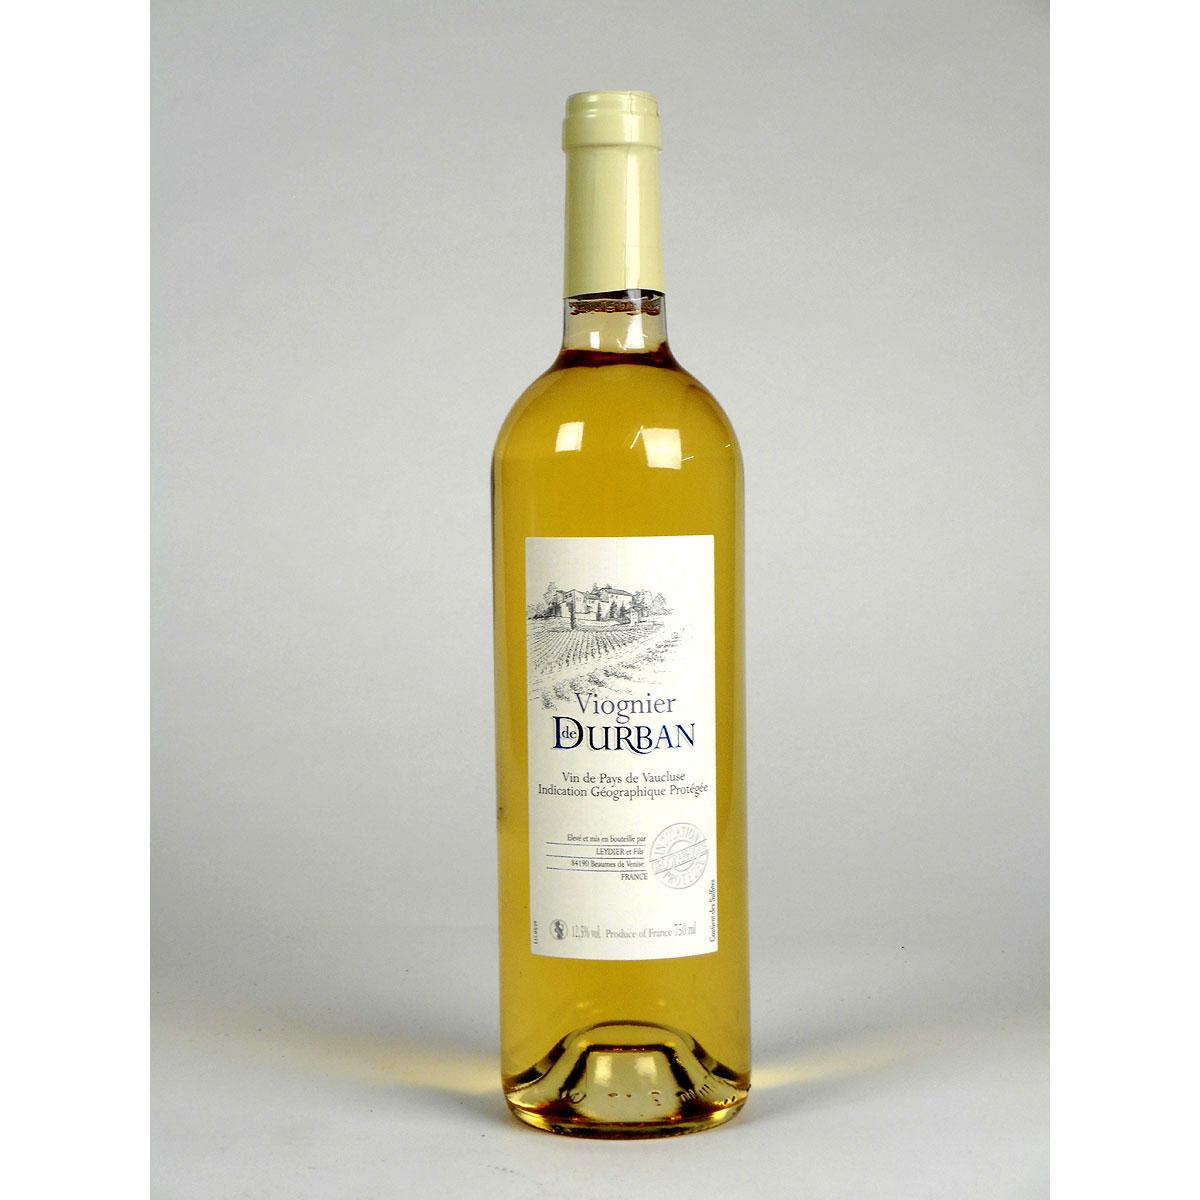 Vin de Pays de Vaucluse: Domaine de Durban Viognier 2019 - Bottle